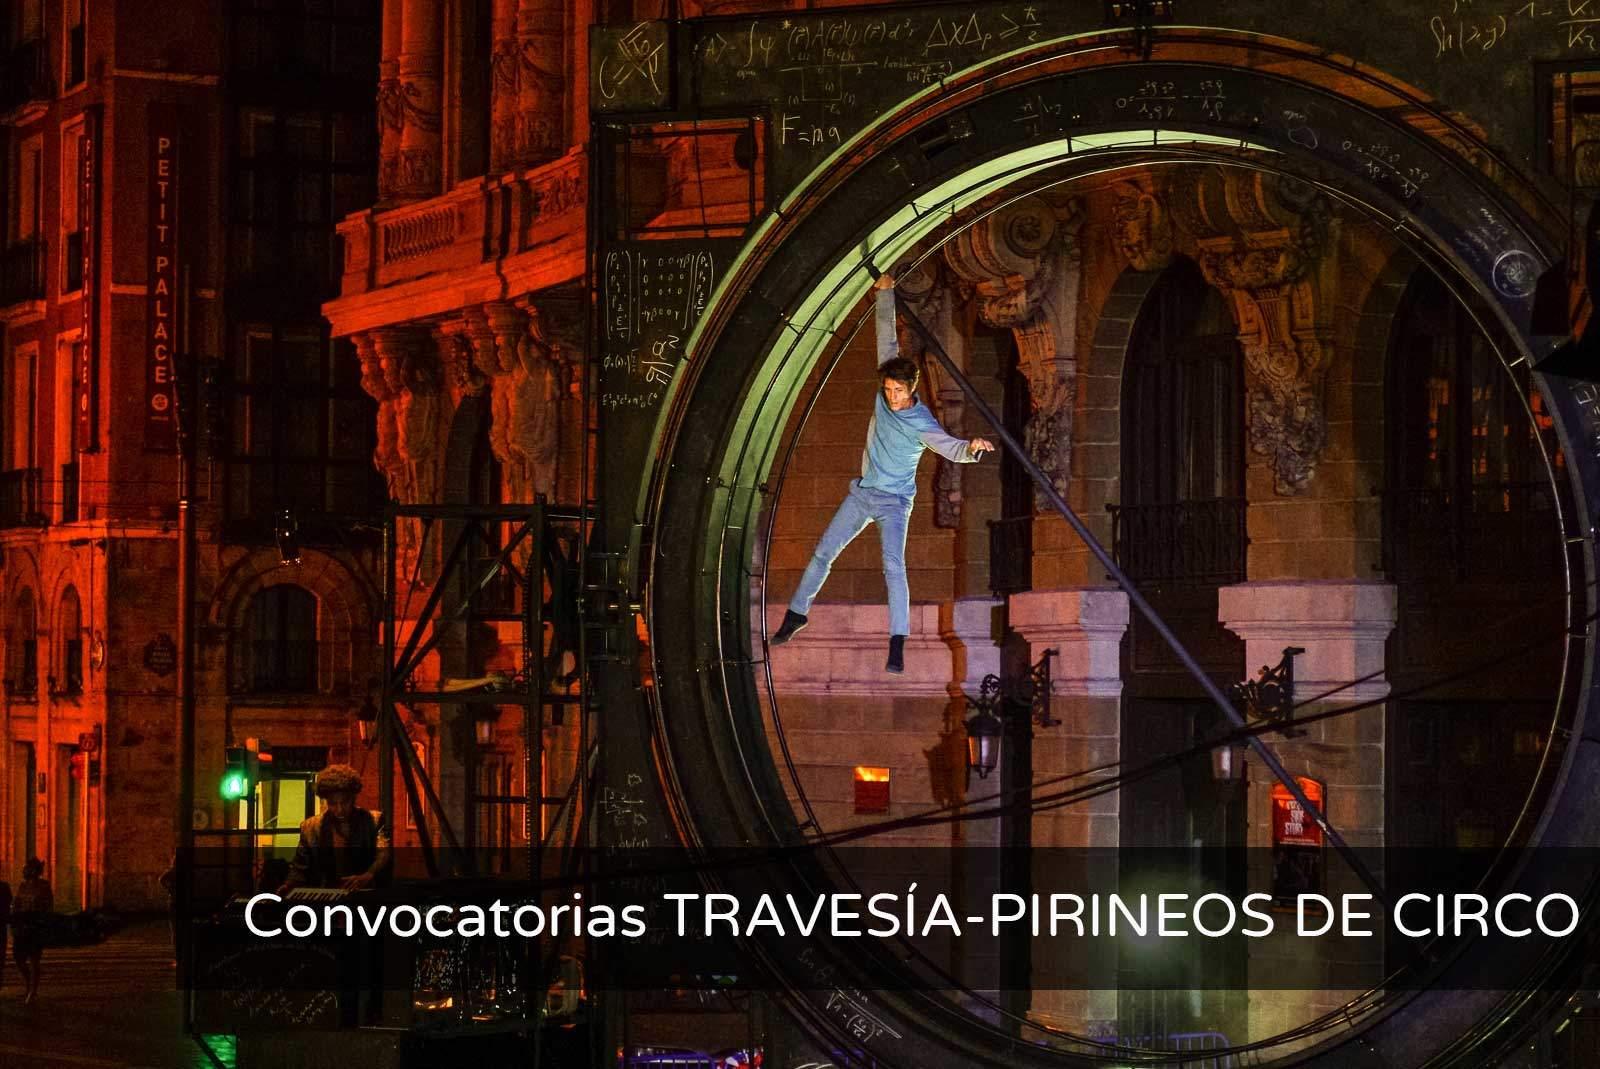 Convocatorias TRAVESÍA-PIRINEOS DE CIRCO